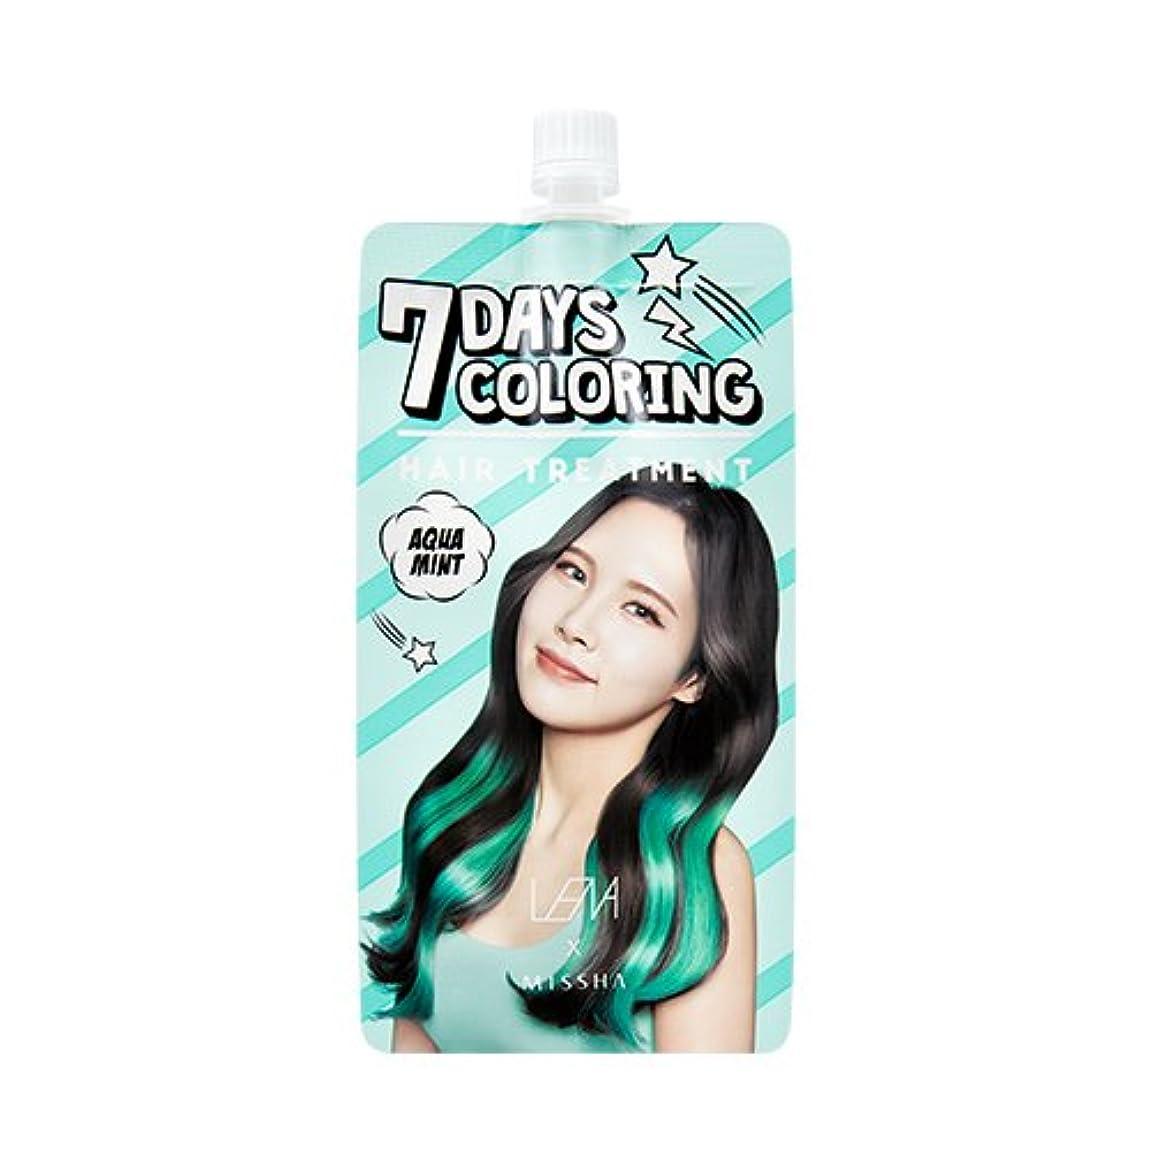 ロッド事前にシステムMISSHA Seven Days Coloring Hair Treatment #Aquamint -LENA Edition /ミシャ セブンデイズカラーリングヘアトリートメント - レナエディション (アクアミント...